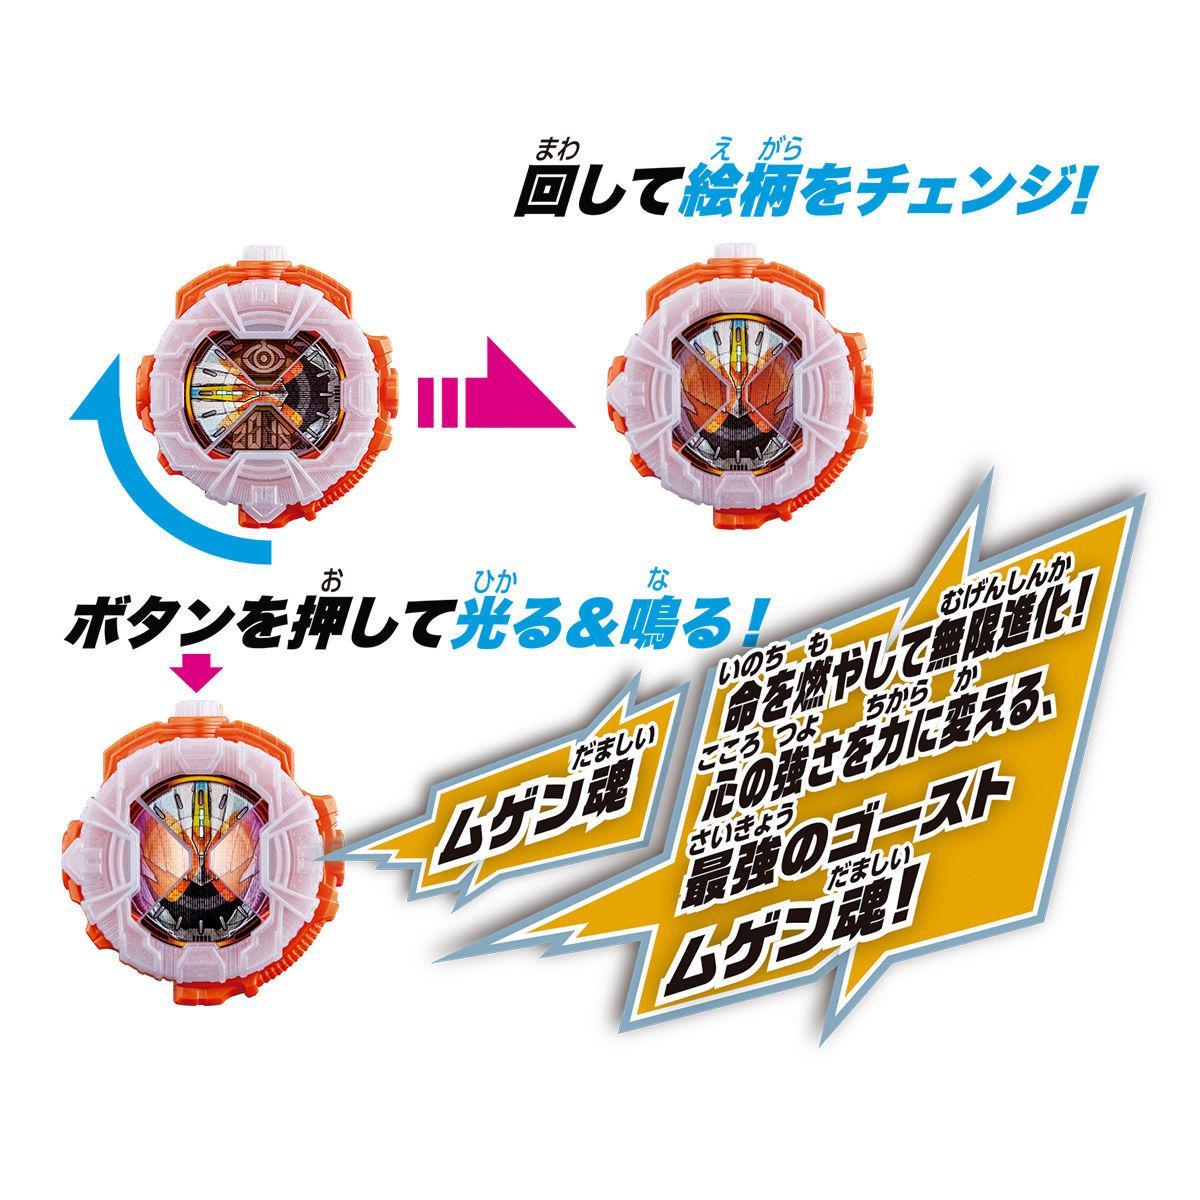 仮面ライダージオウ『DXゴーストムゲン魂ライドウォッチ』変身なりきり-007